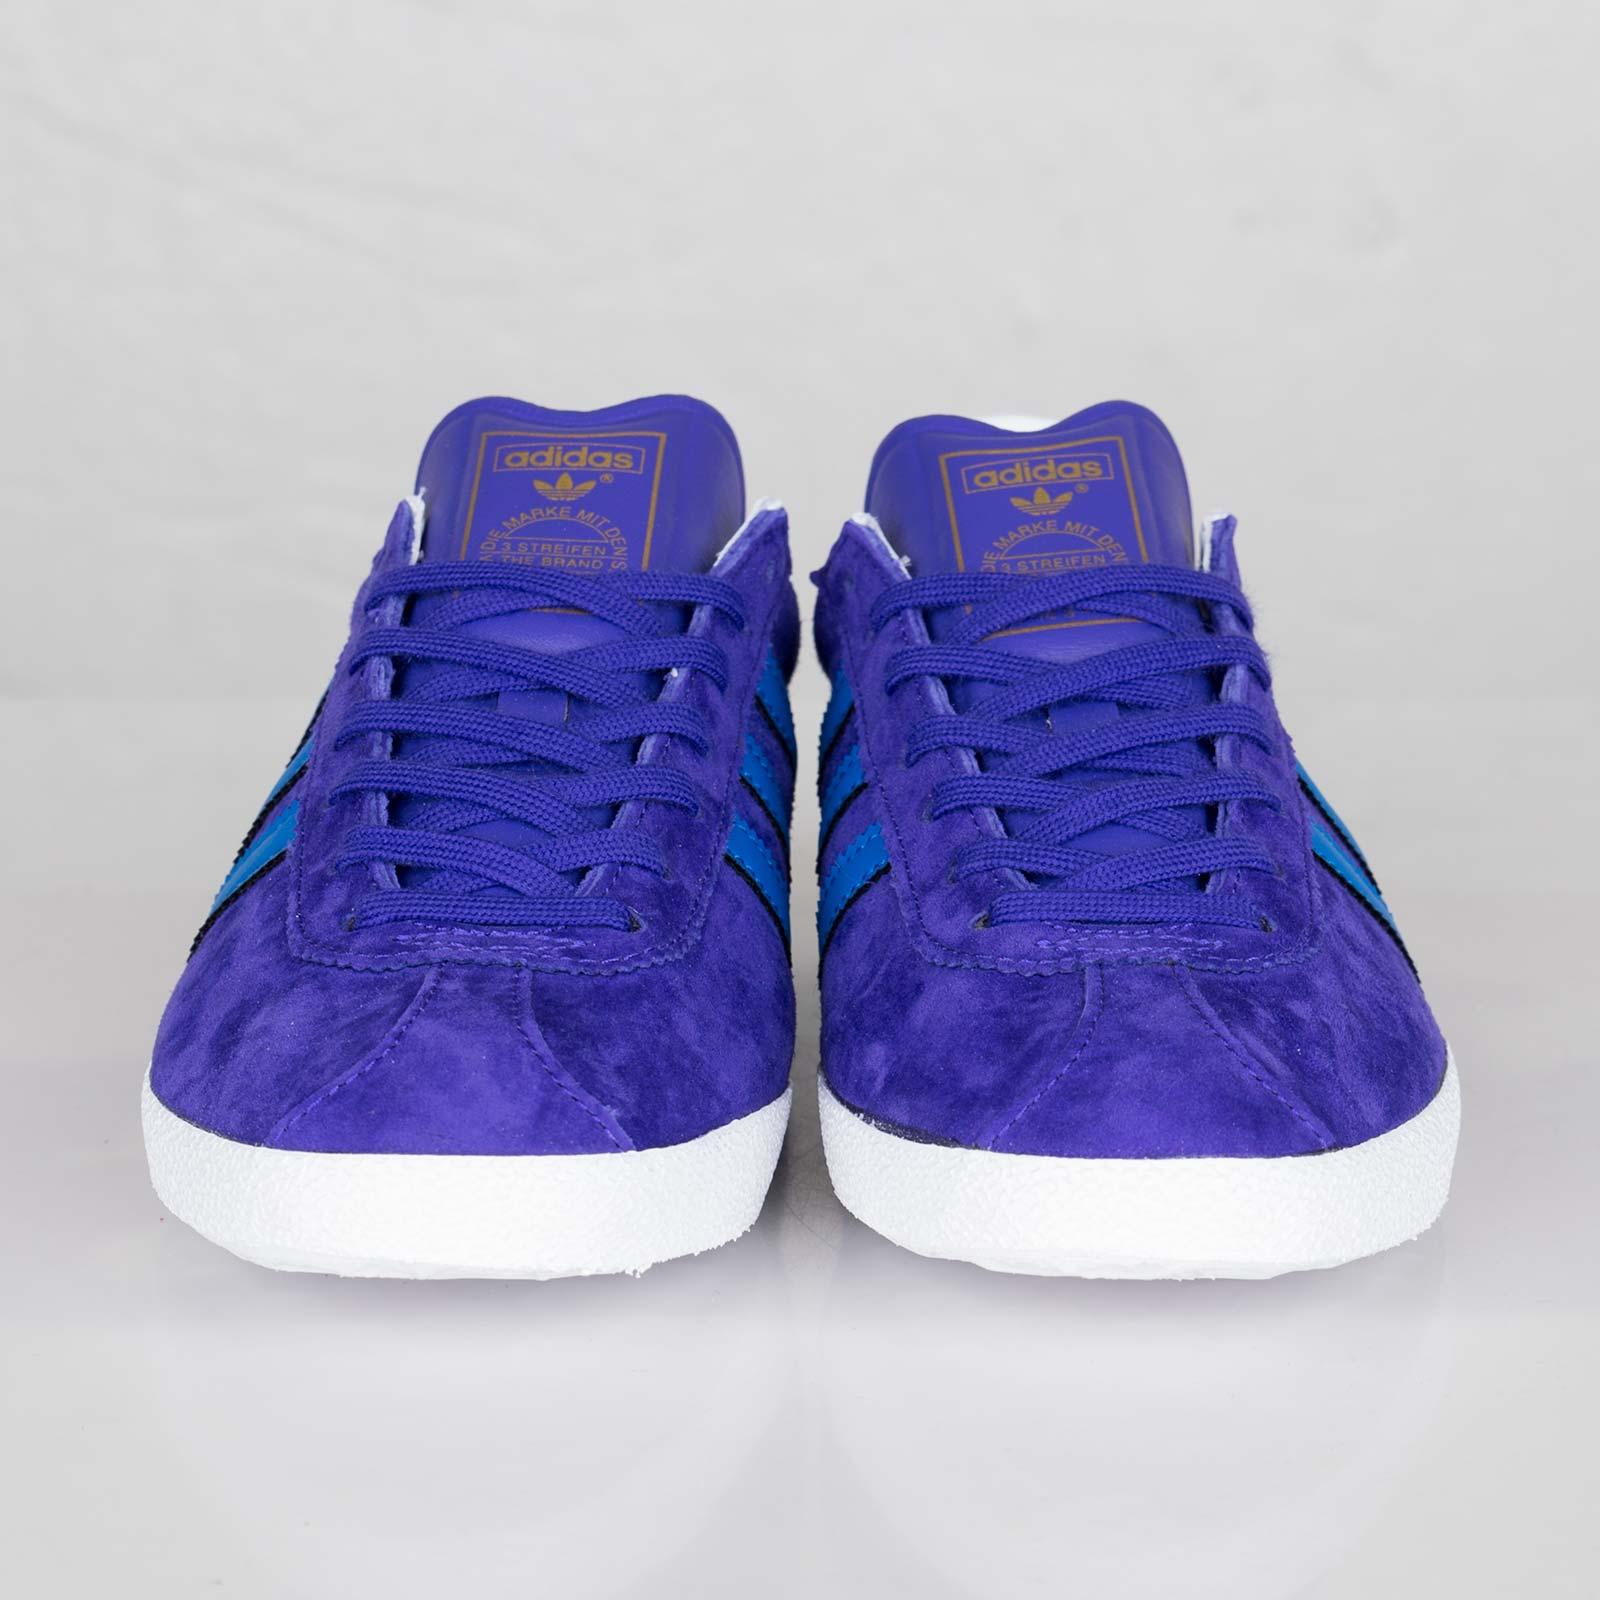 adidas Gazelle OG W - G95610 - SNS   sneakers & streetwear online ...